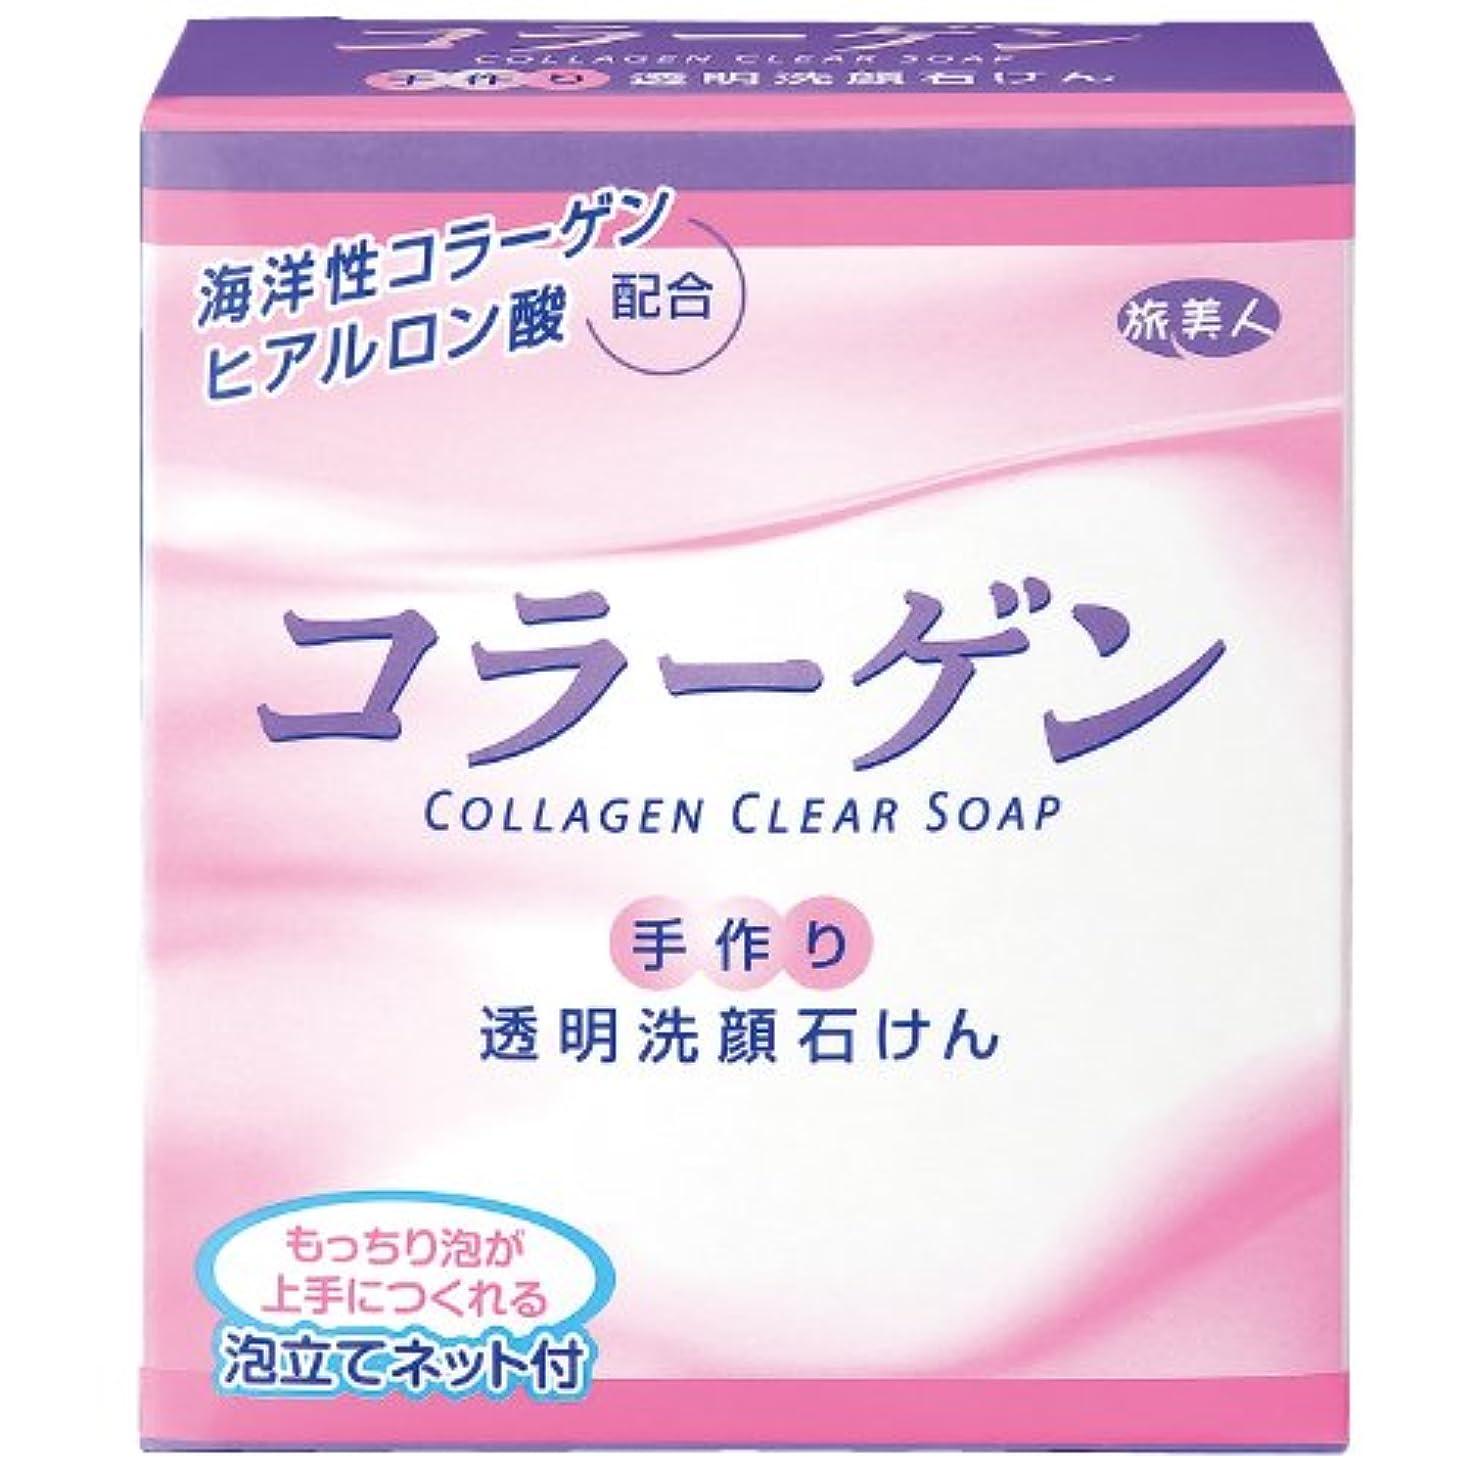 緊急カルシウムファウルアズマ商事の コラーゲン透明洗顔石鹸 手作り